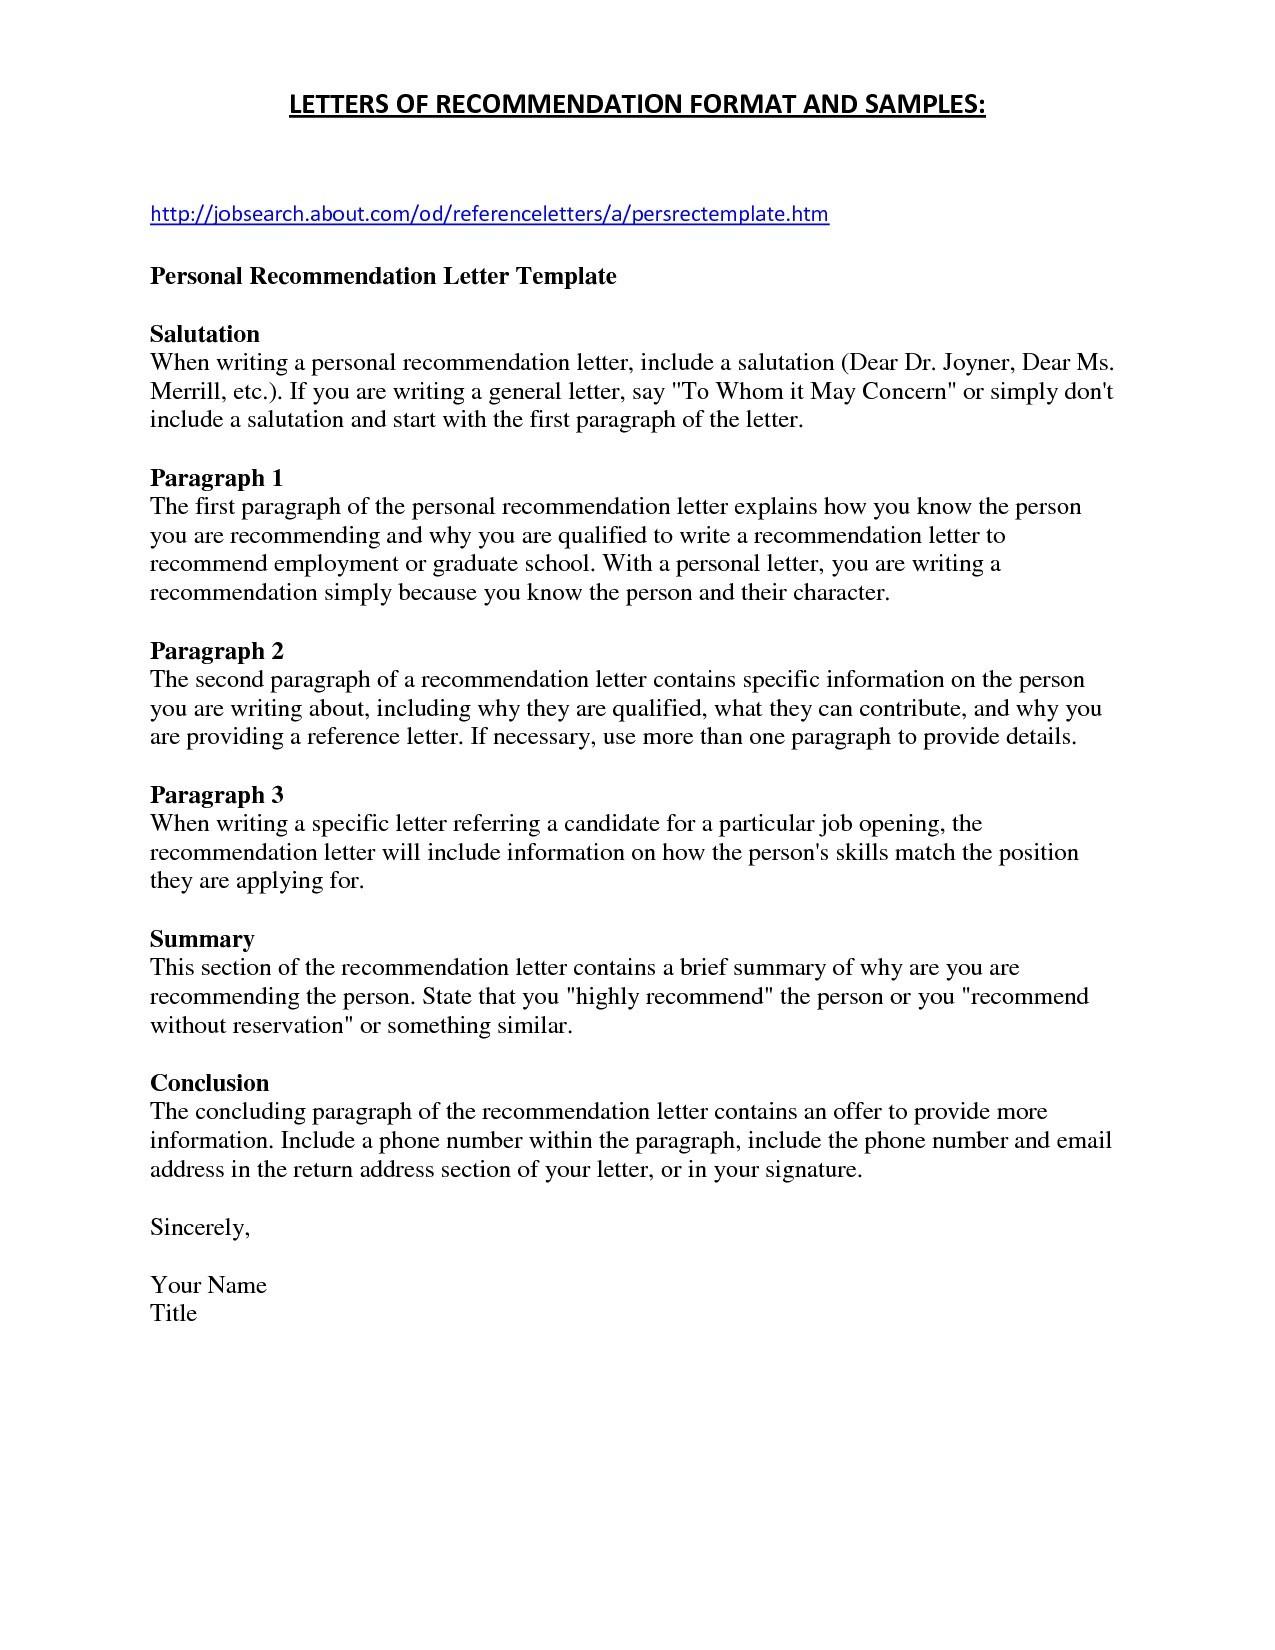 Shareholder Letter Template - Letter to Job Candidate Fresh Graduate Resume Template Lovely Resume